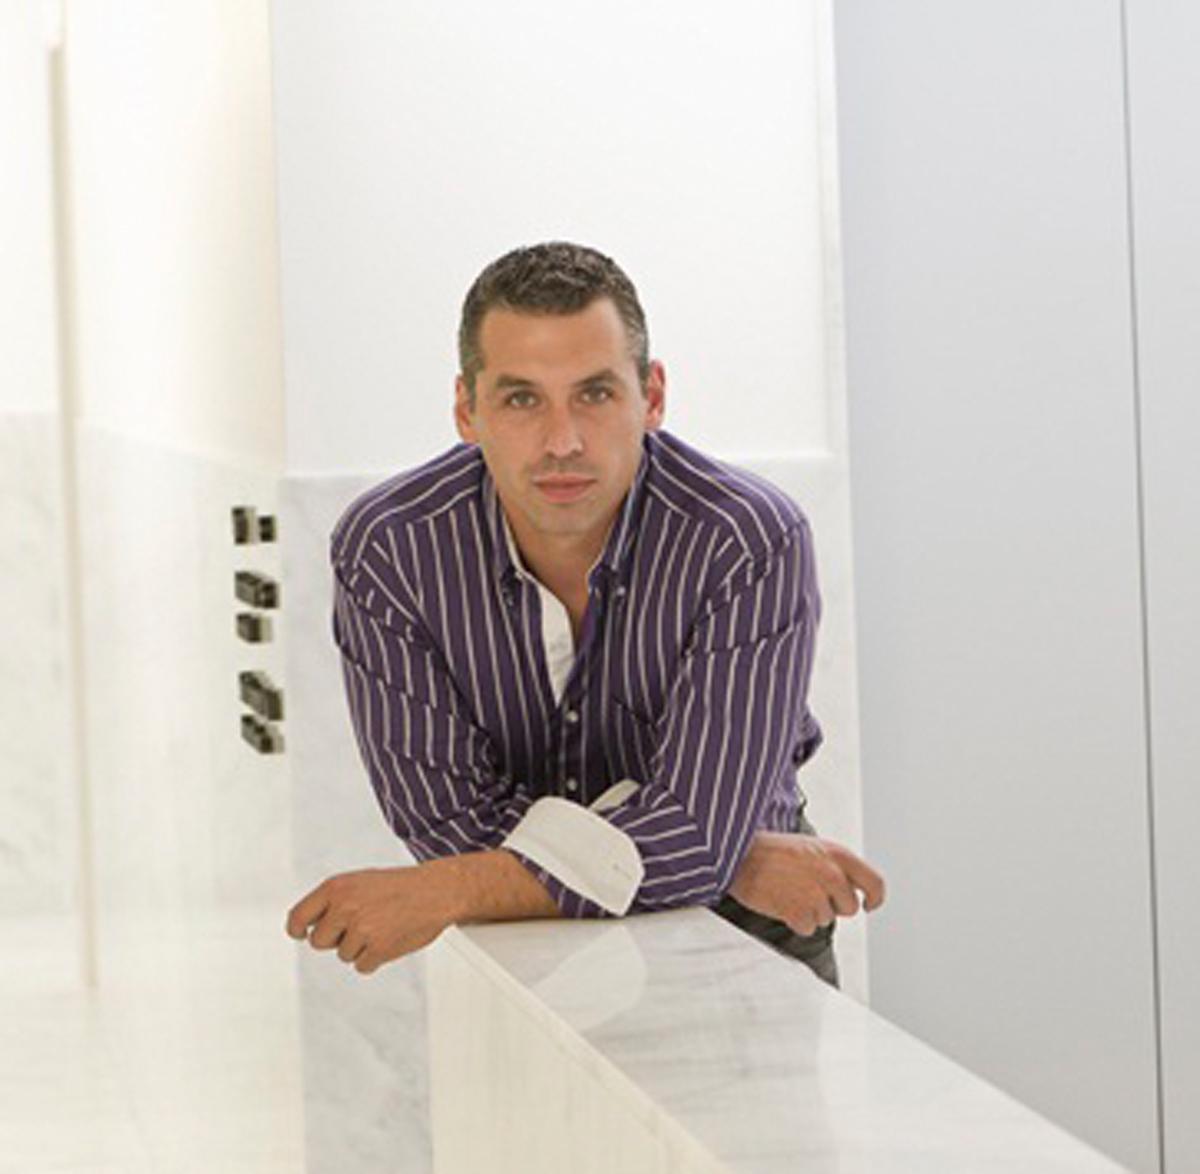 Pedro Catarino will be director of wellness